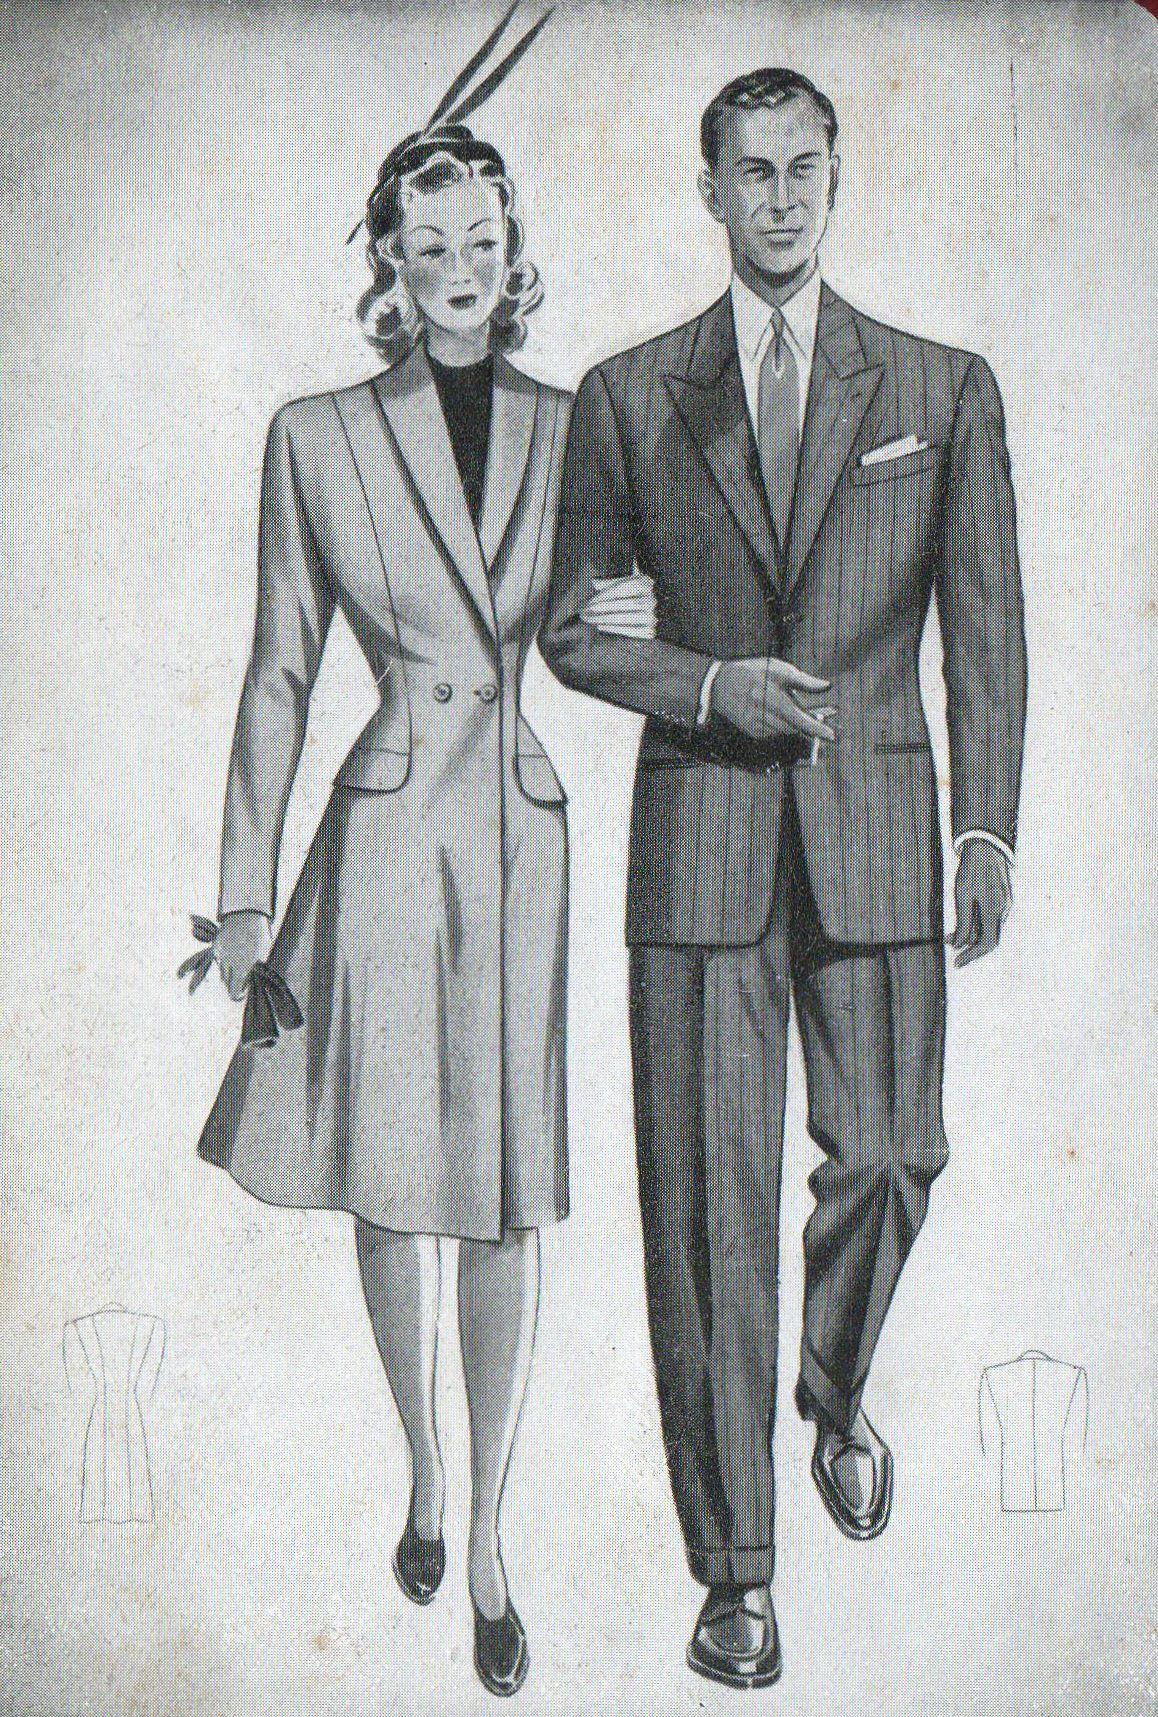 half off 0c439 593b5 moda anni '40 - Cerca con Google | Old times | Moda, Moda ...